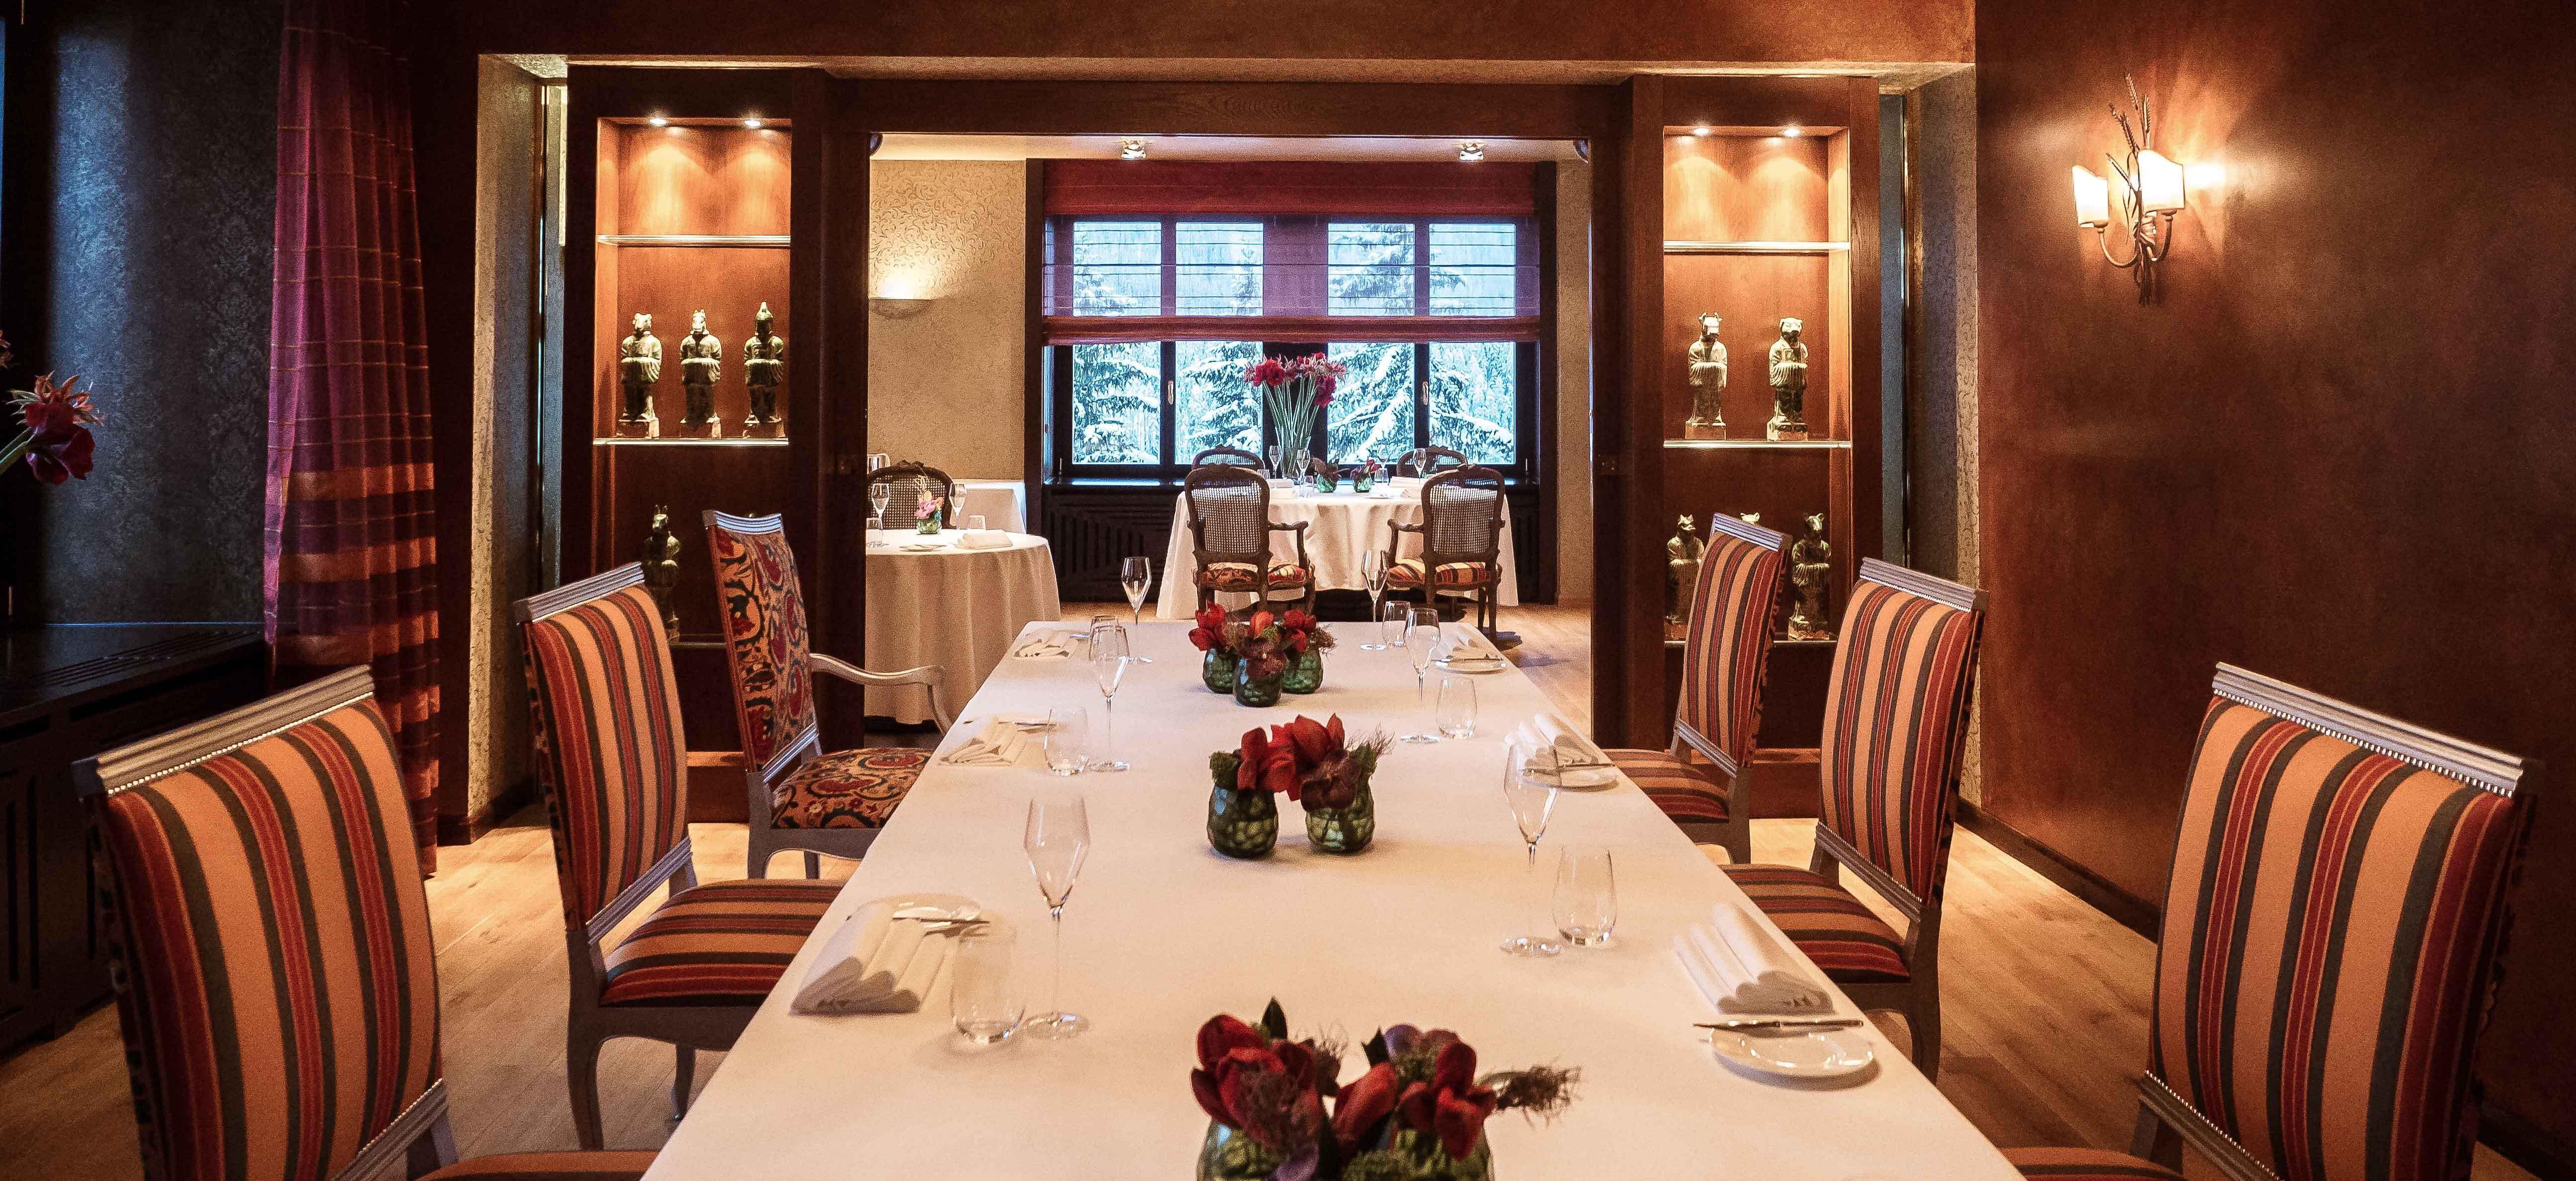 Restaurants in St. Moritz